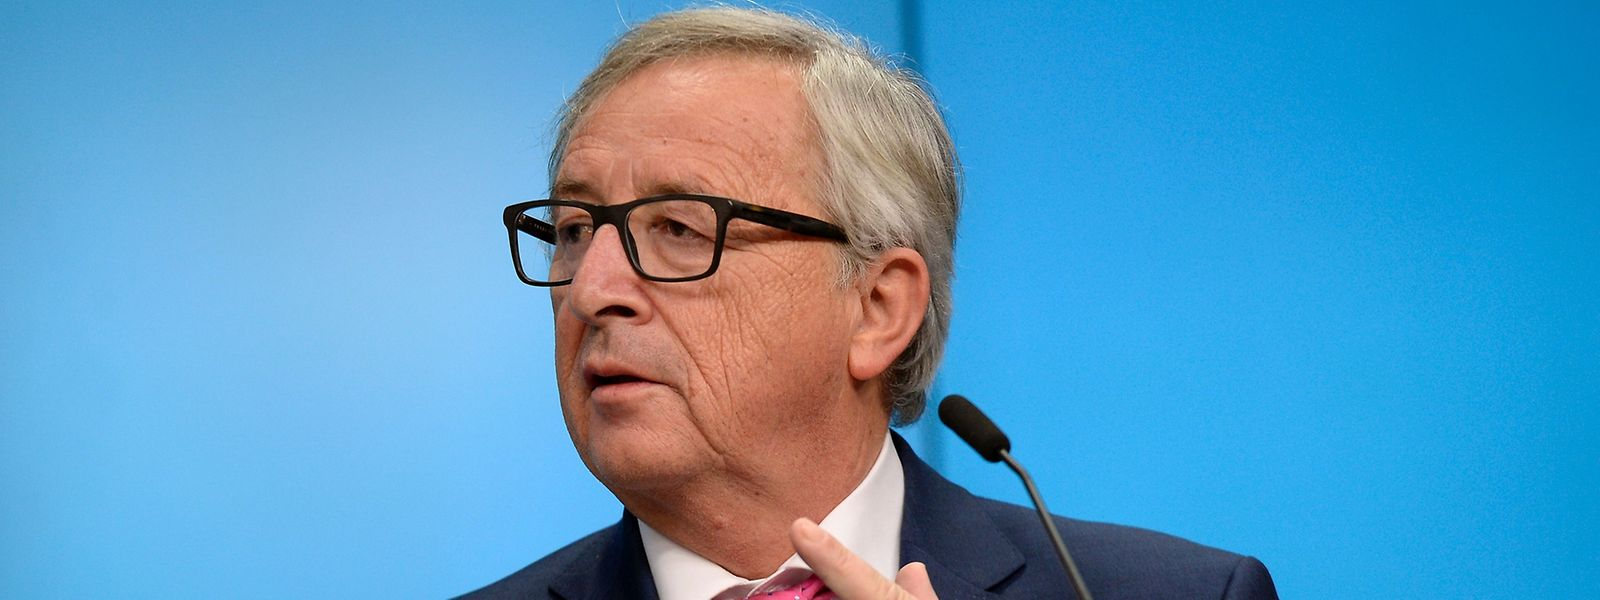 Wegen seiner Haltung als früherer Premierminister sehen Kritiker die Glaubwürdigkeit Jean-Claude Junckers beschädigt